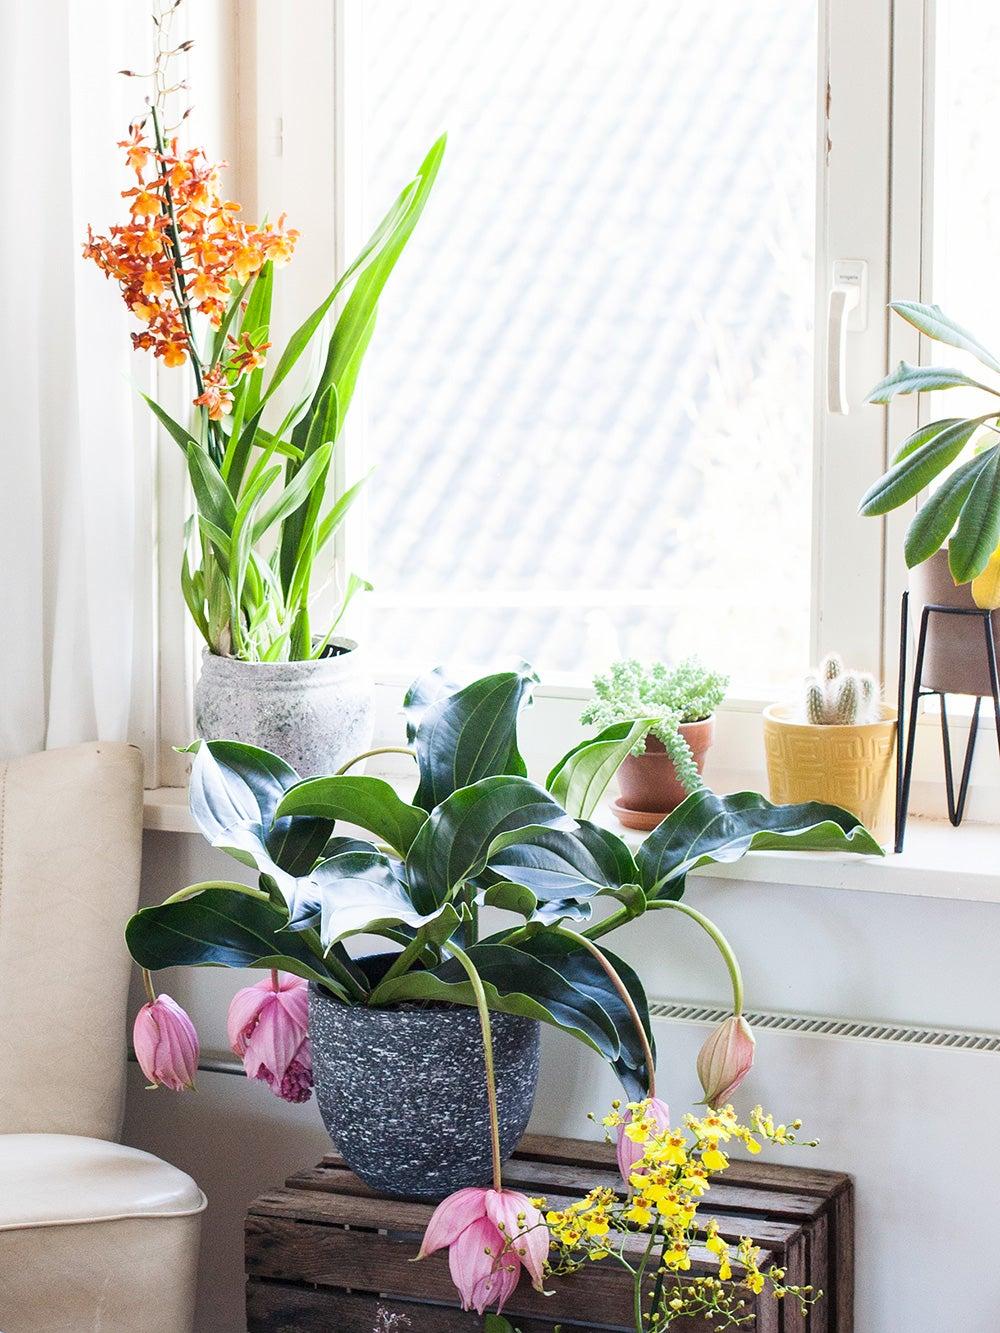 Orchidee, medinilla, dendrobium